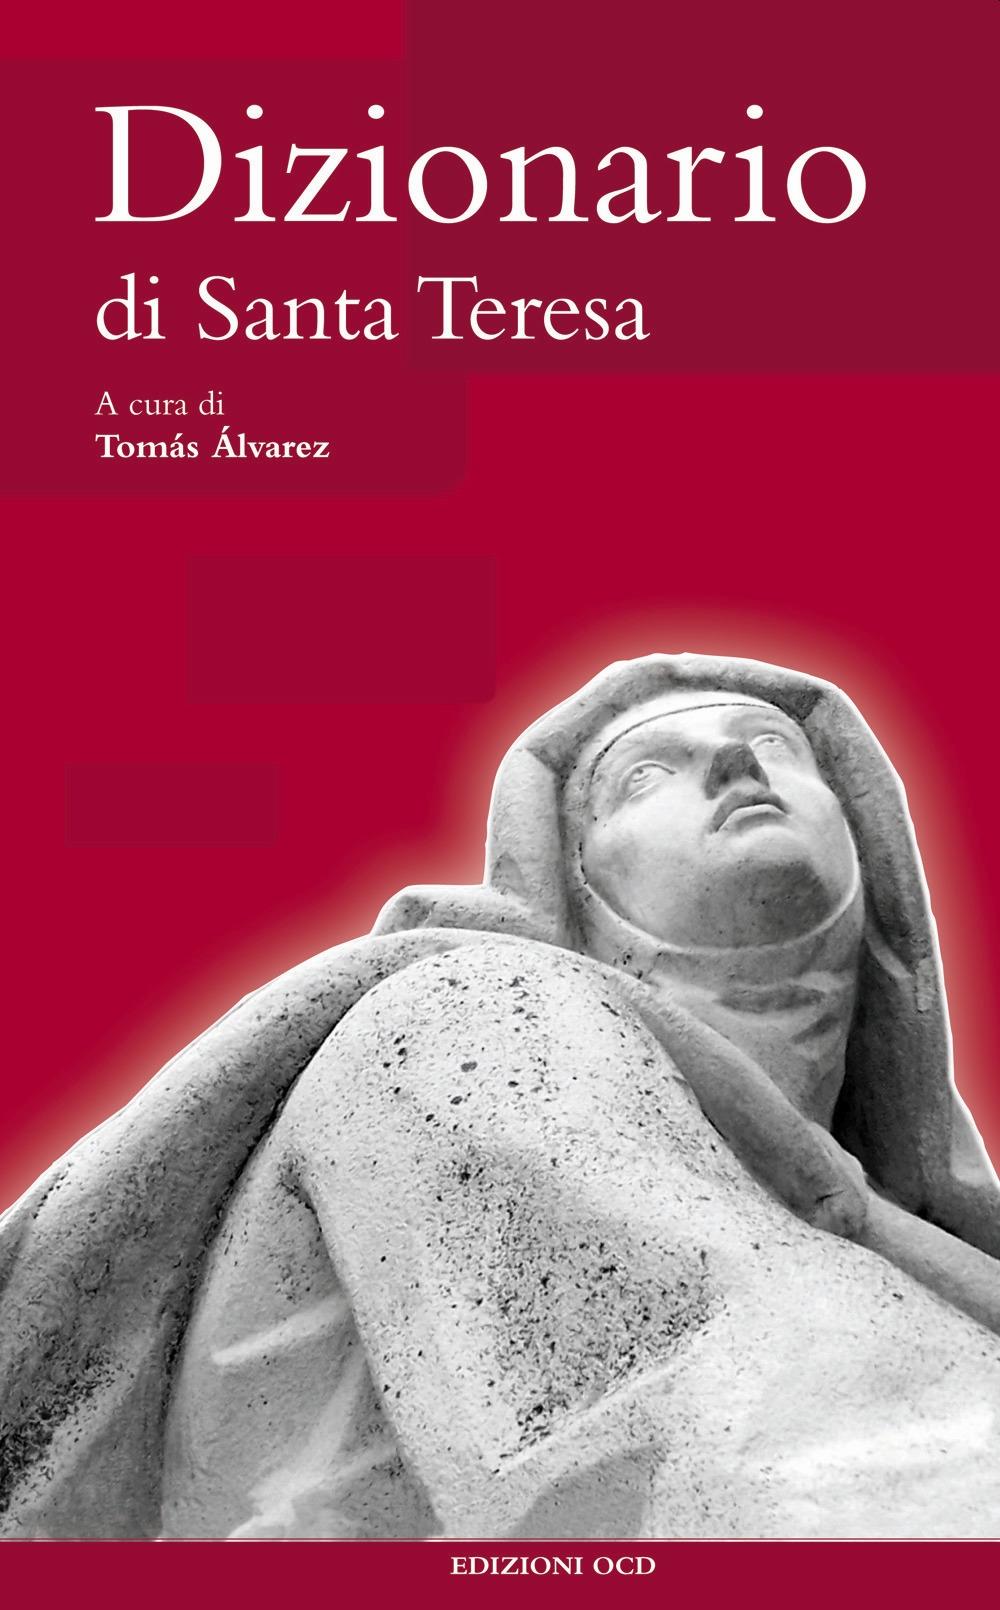 Dizionario di Santa Teresa.